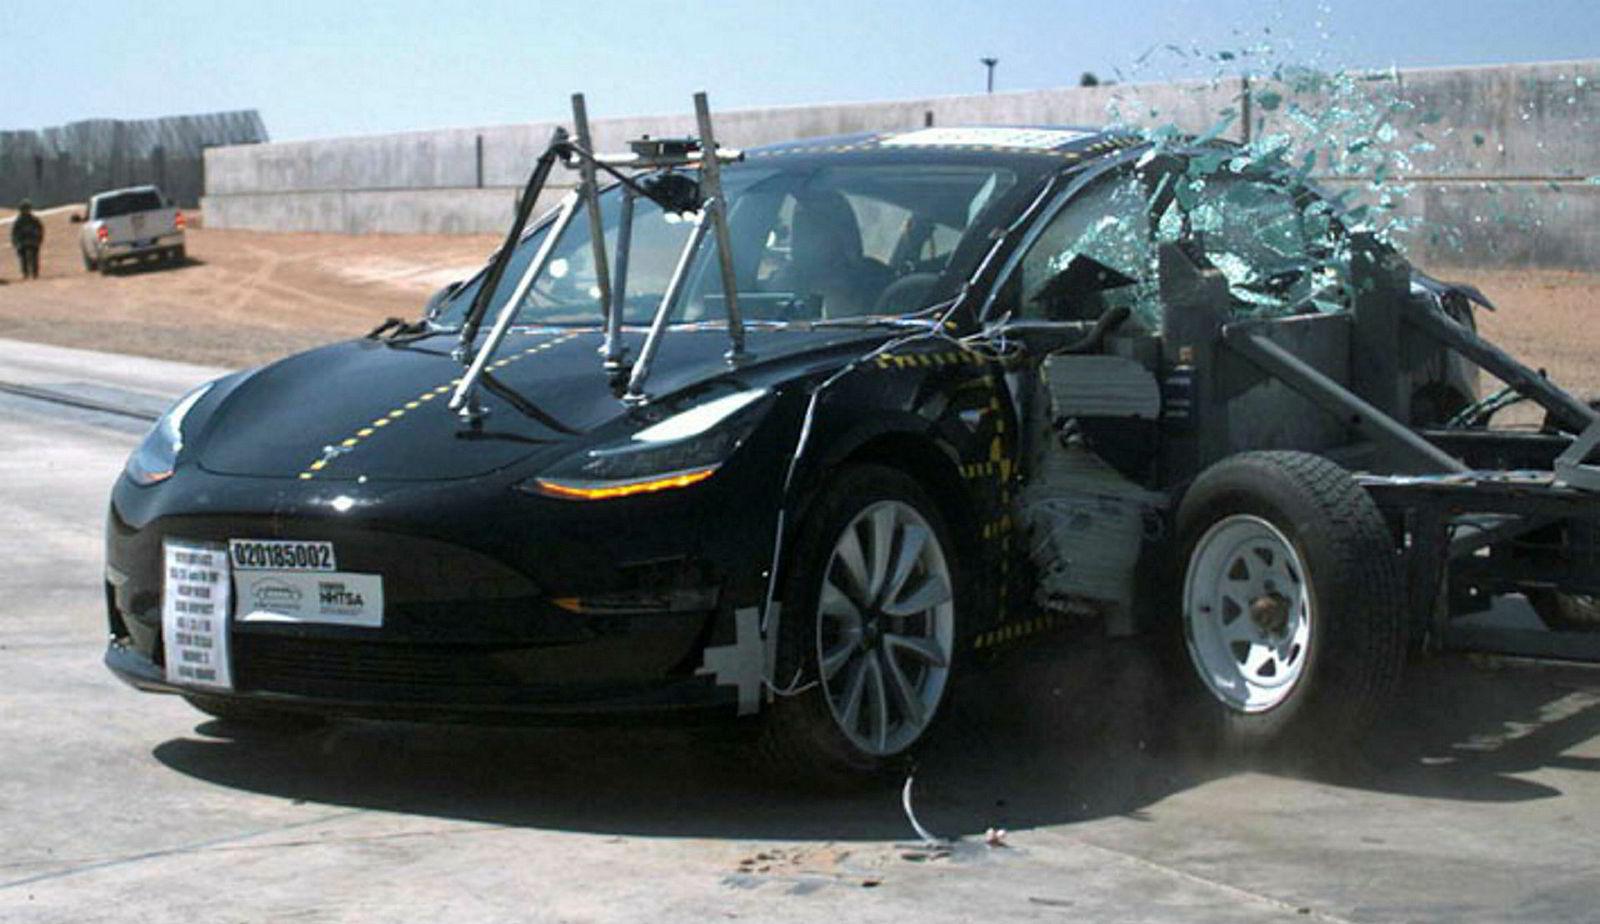 Det blir knust en del biler, for det er flere typer ulykker man må teste for.